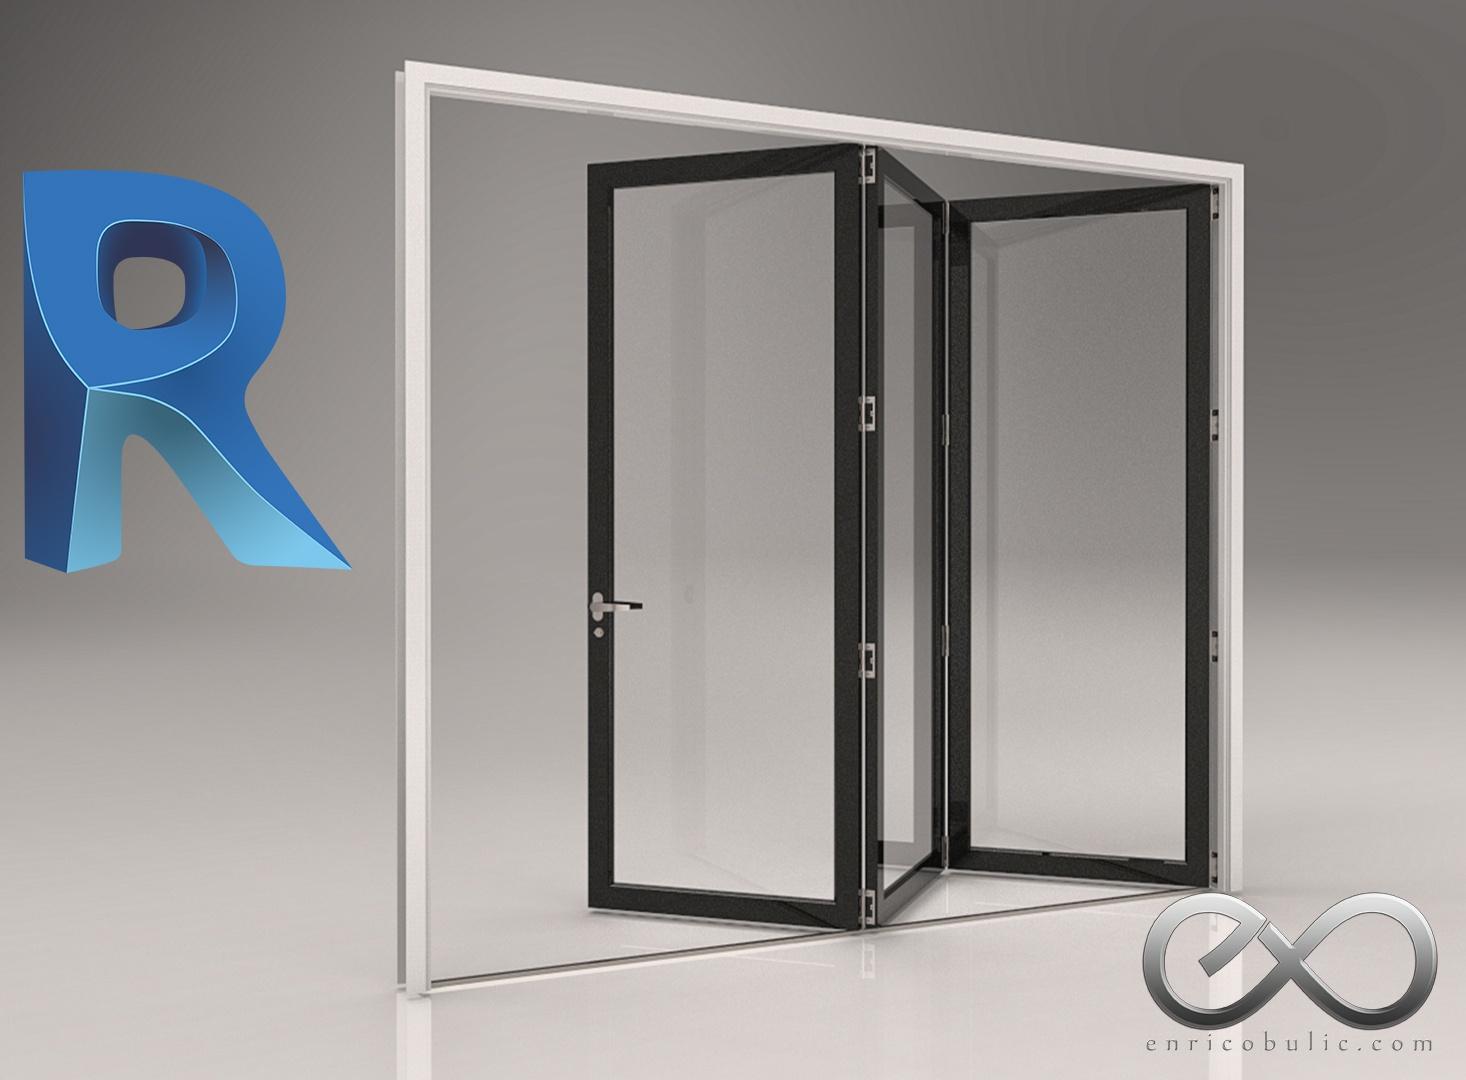 Revit Fully Parametric Folding Doors 1 x 3